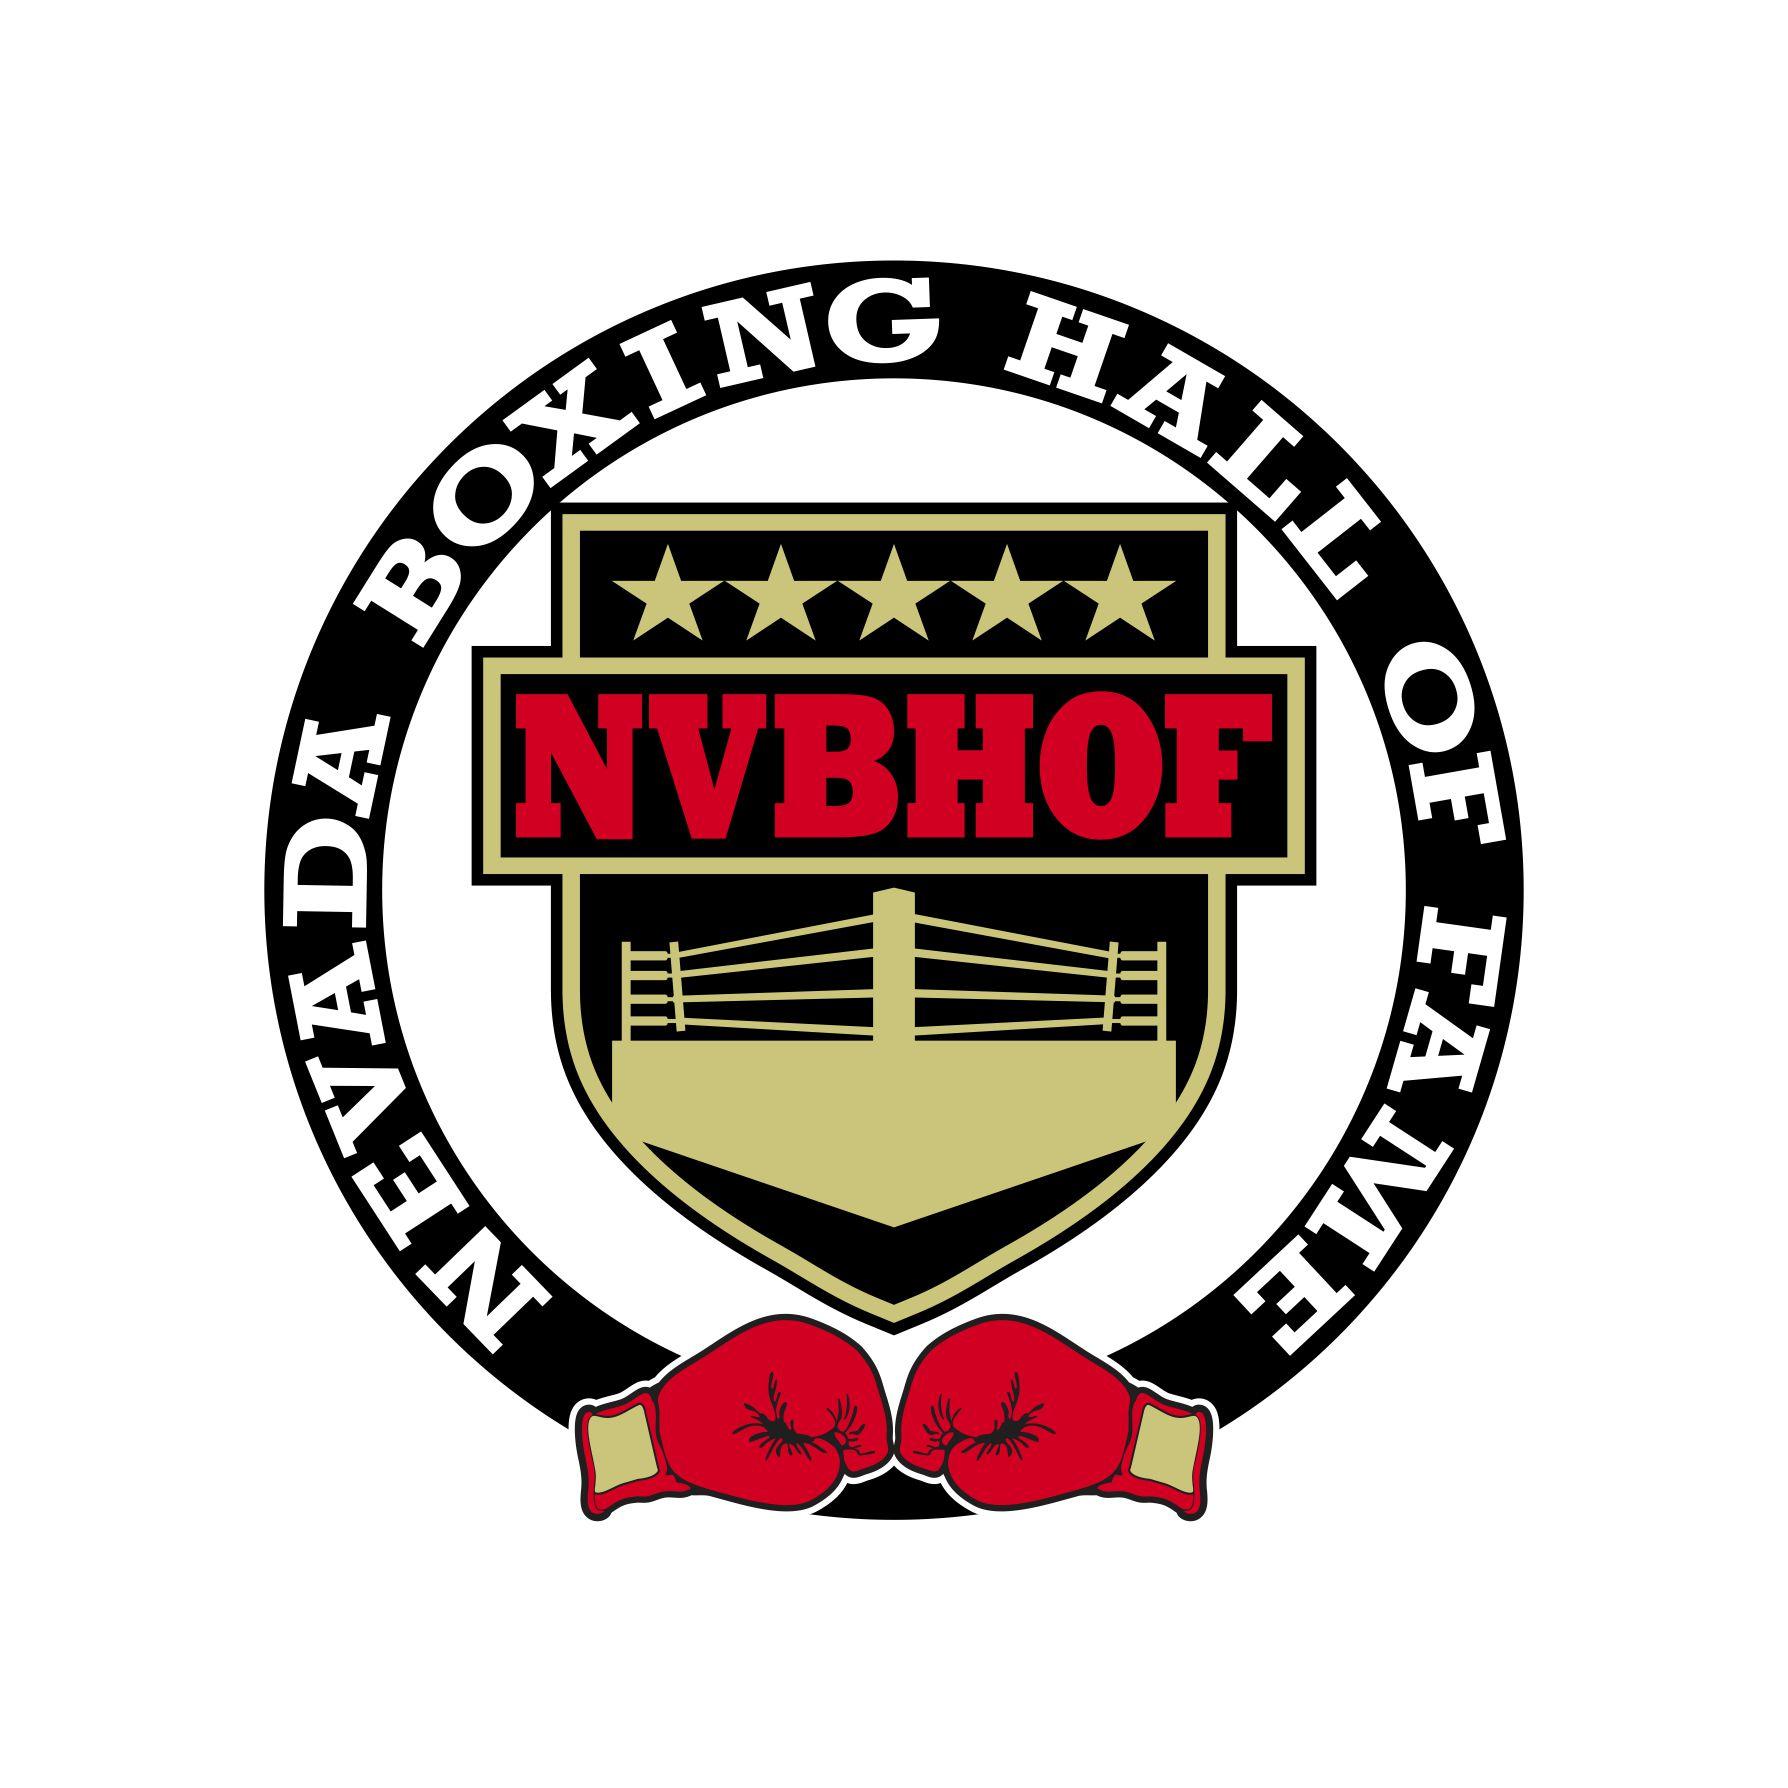 nvbhof-logo